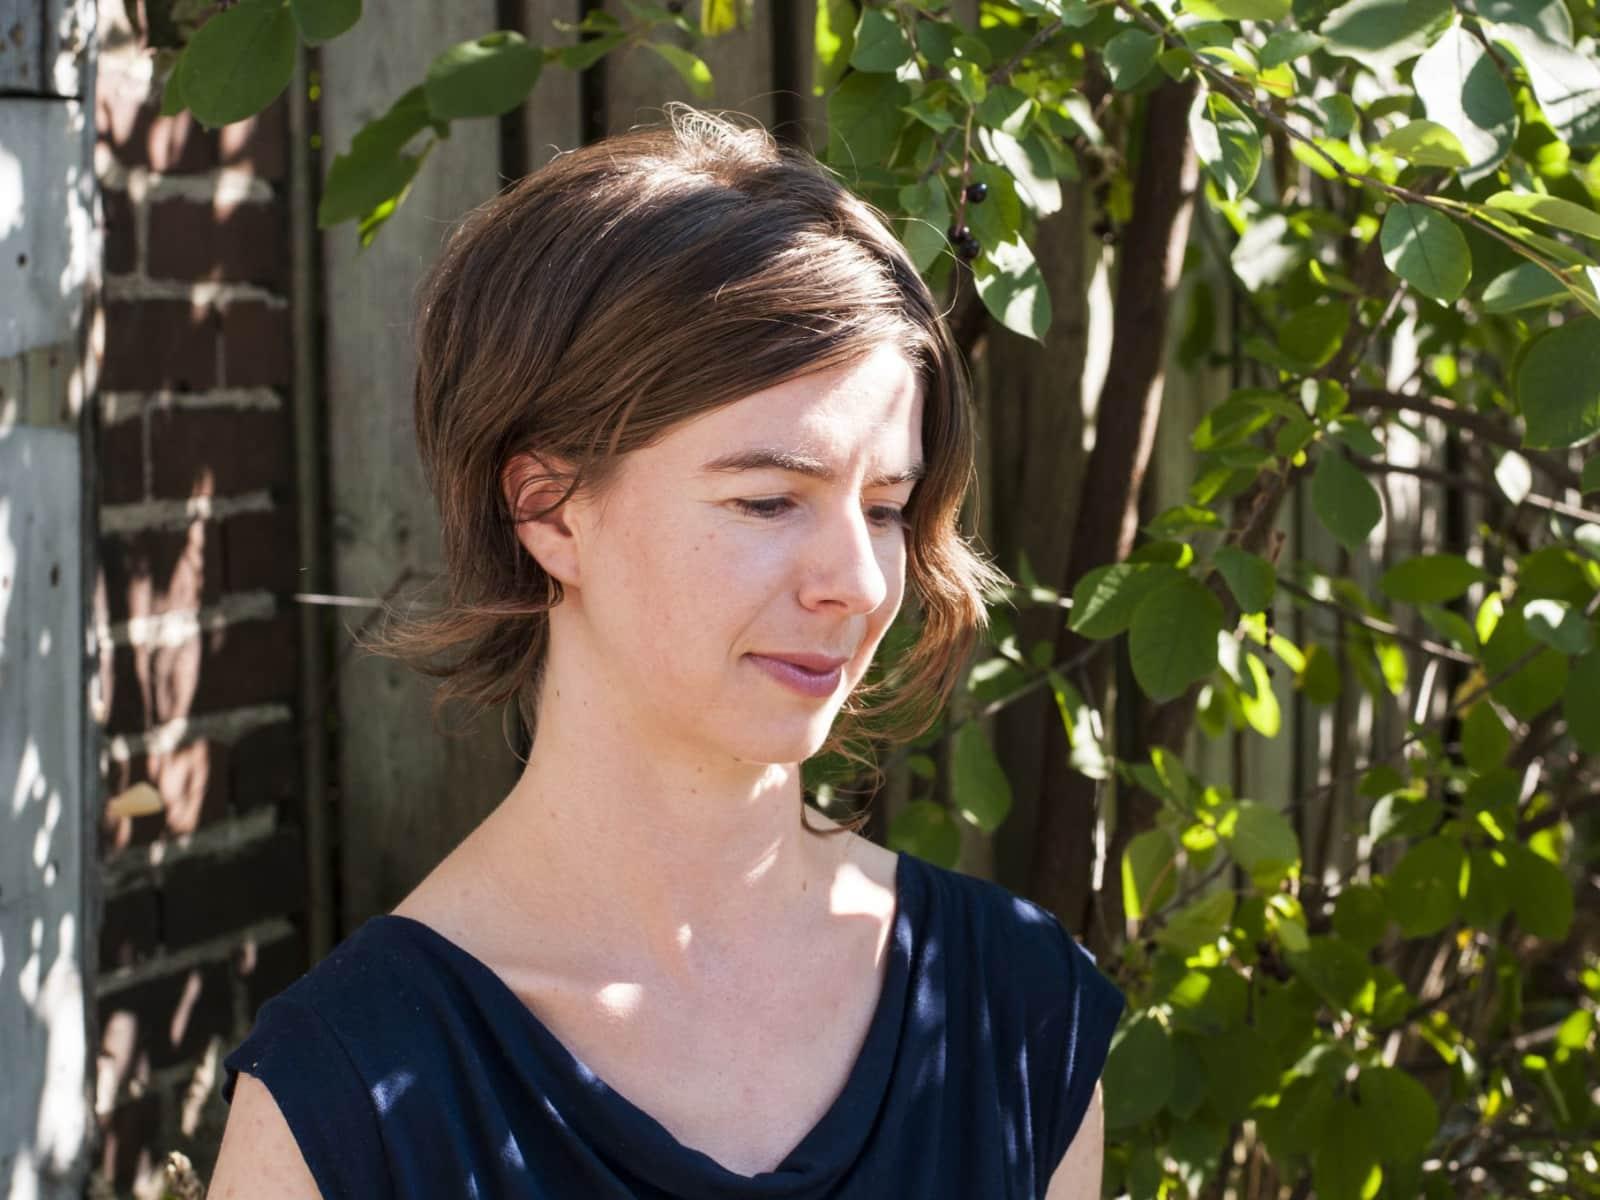 Helen from Montréal, Quebec, Canada